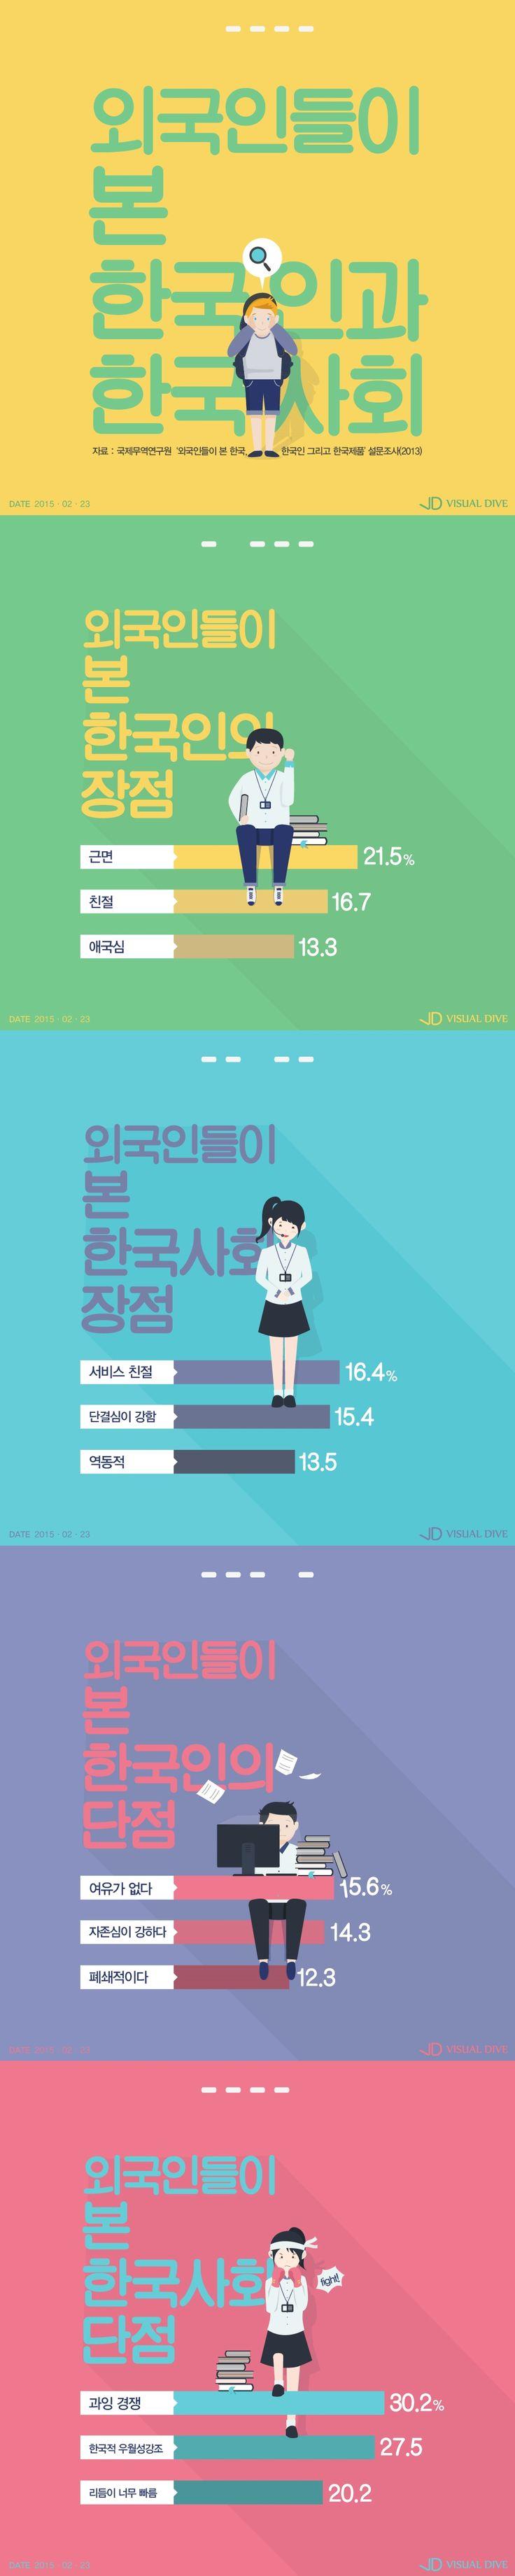 """재한 외국인 10명 중 7명 """"한국생활 만족""""…잦은야근‧위계질서 등 불만 [인포그래픽] #foreigner / #Infographic ⓒ…"""